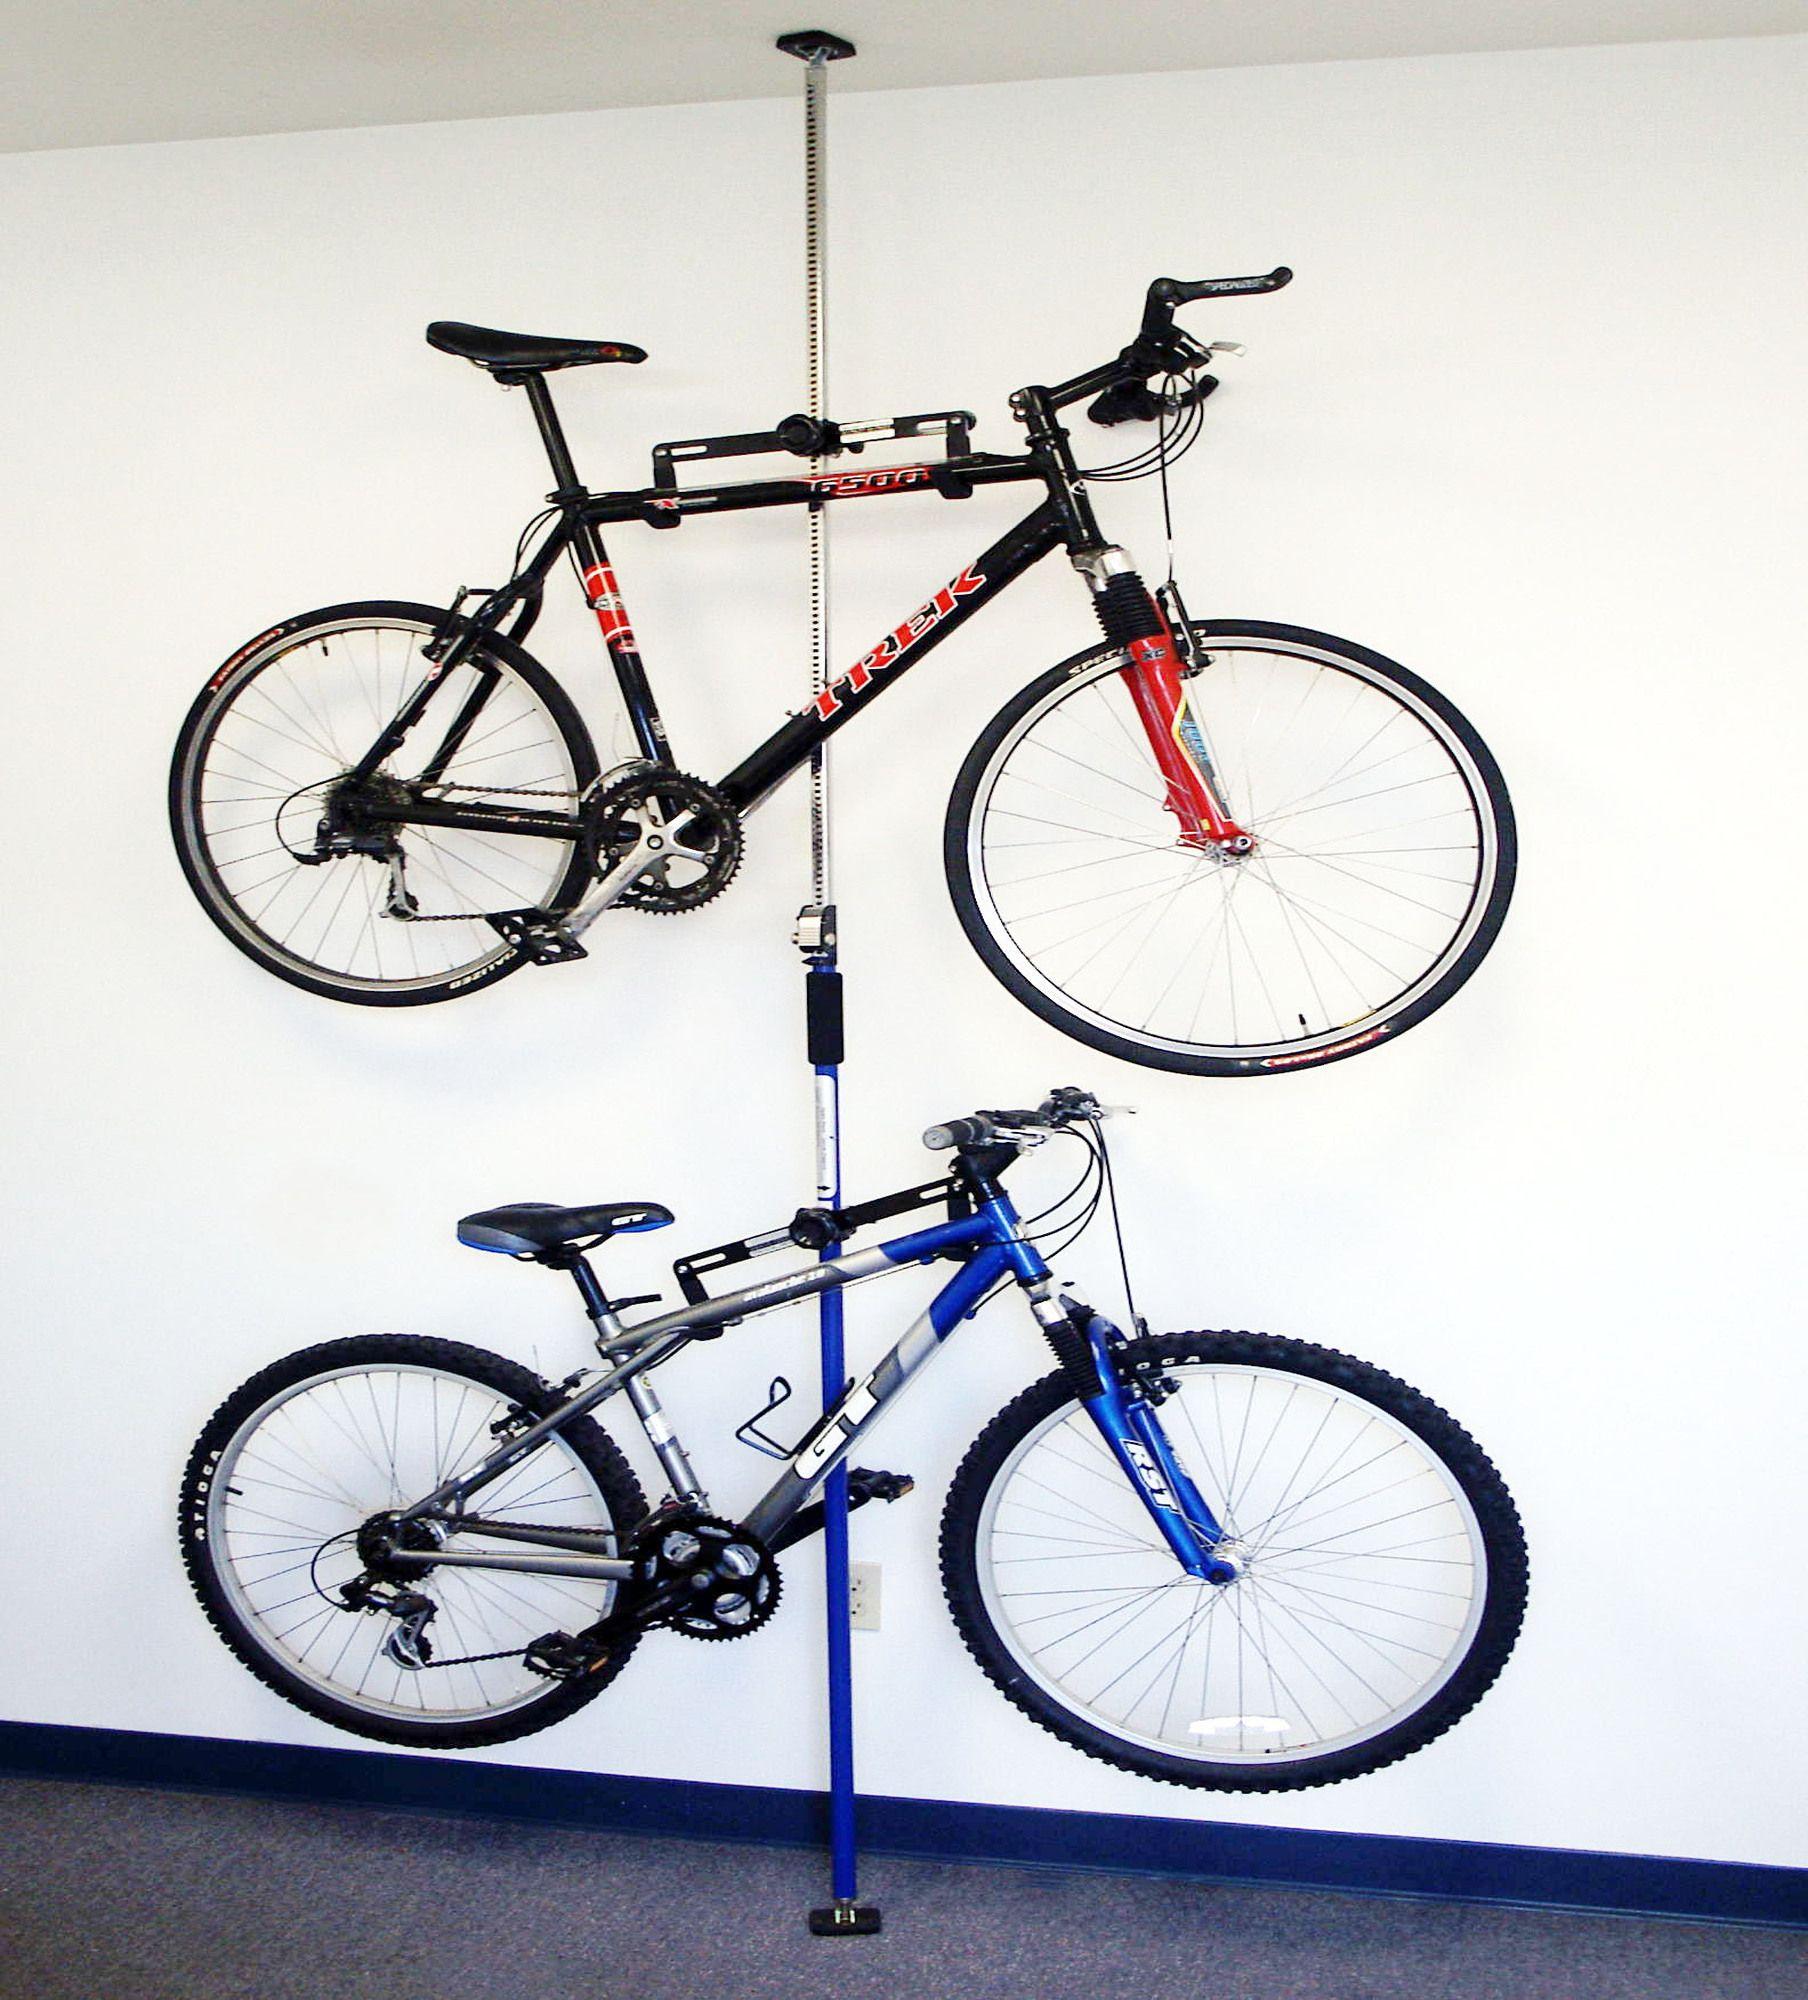 2 bike q rack system ceiling mounted bike rack bicycles. Black Bedroom Furniture Sets. Home Design Ideas